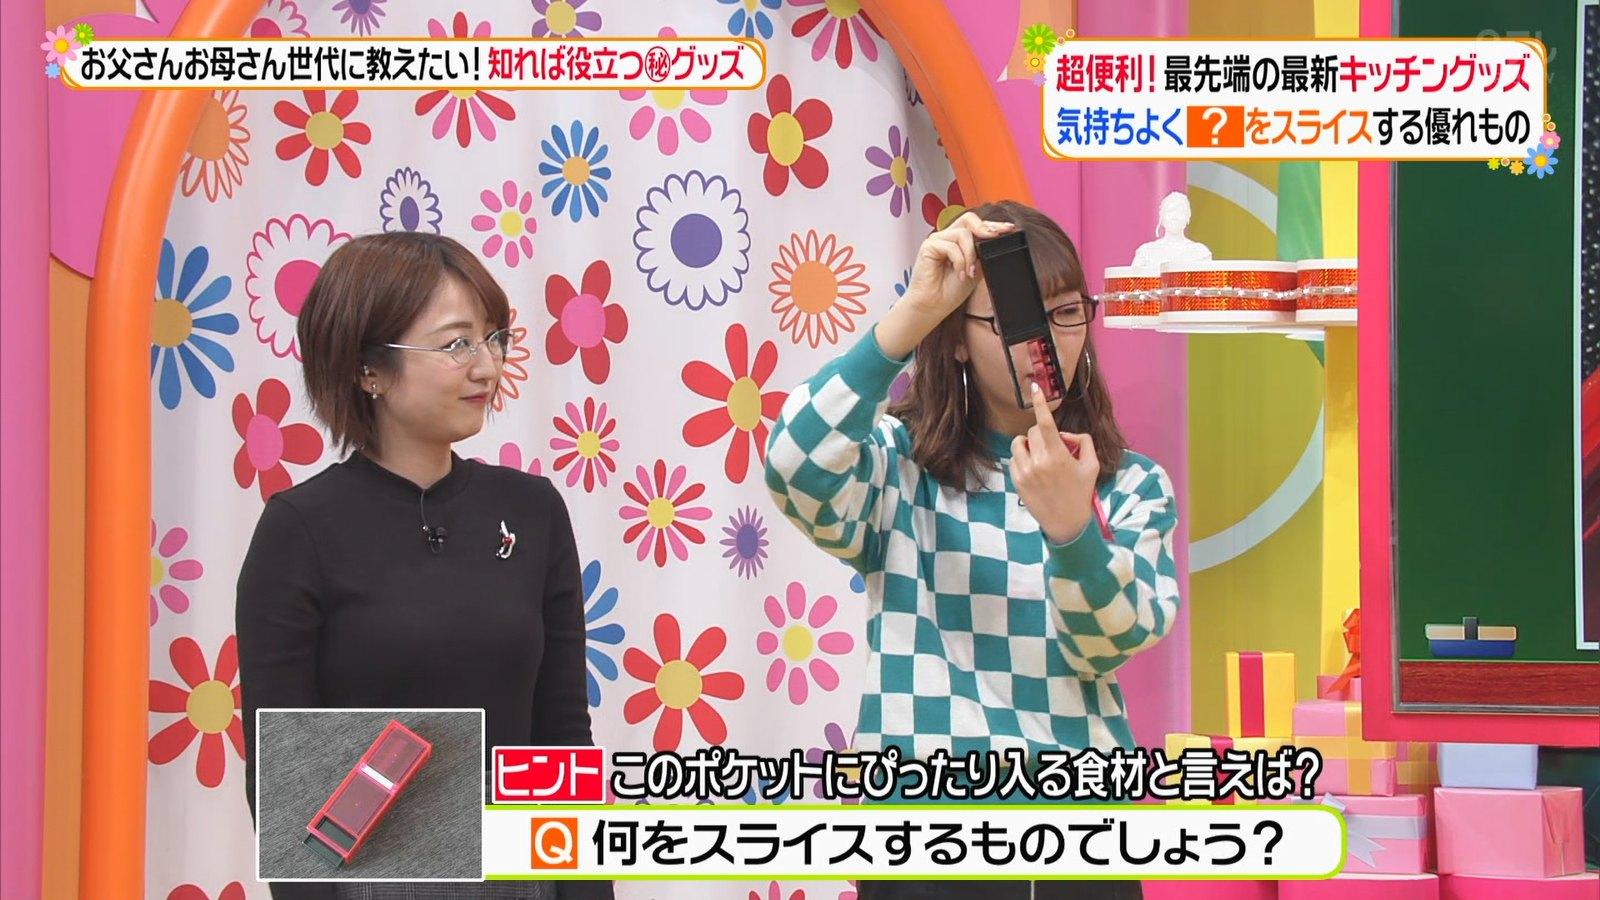 2018年12月3日日テレ「ヒルナンデス!」滝菜月さんのテレビキャプチャー画像-008